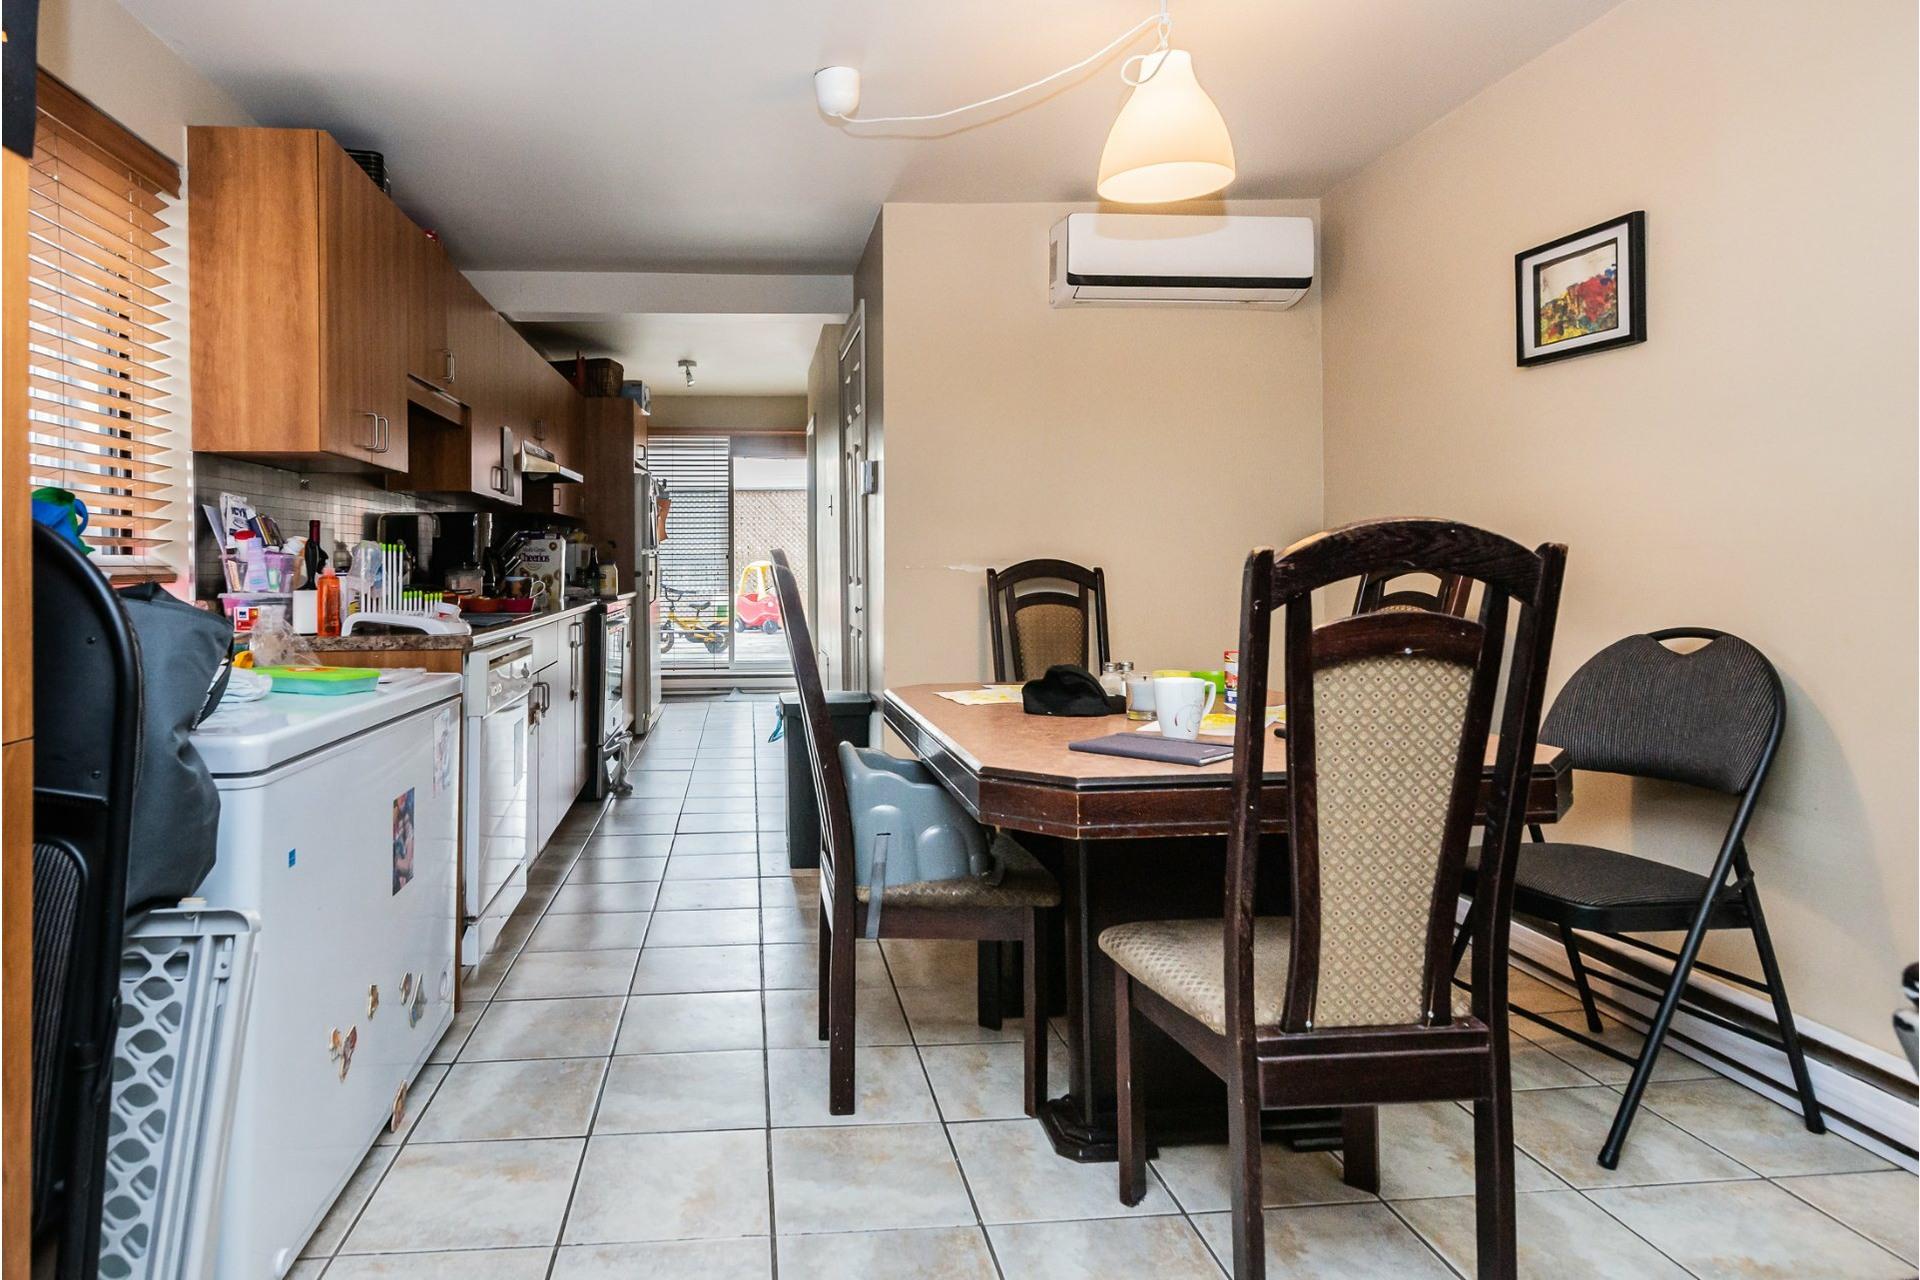 image 30 - Duplex À vendre Lachine Montréal  - 4 pièces